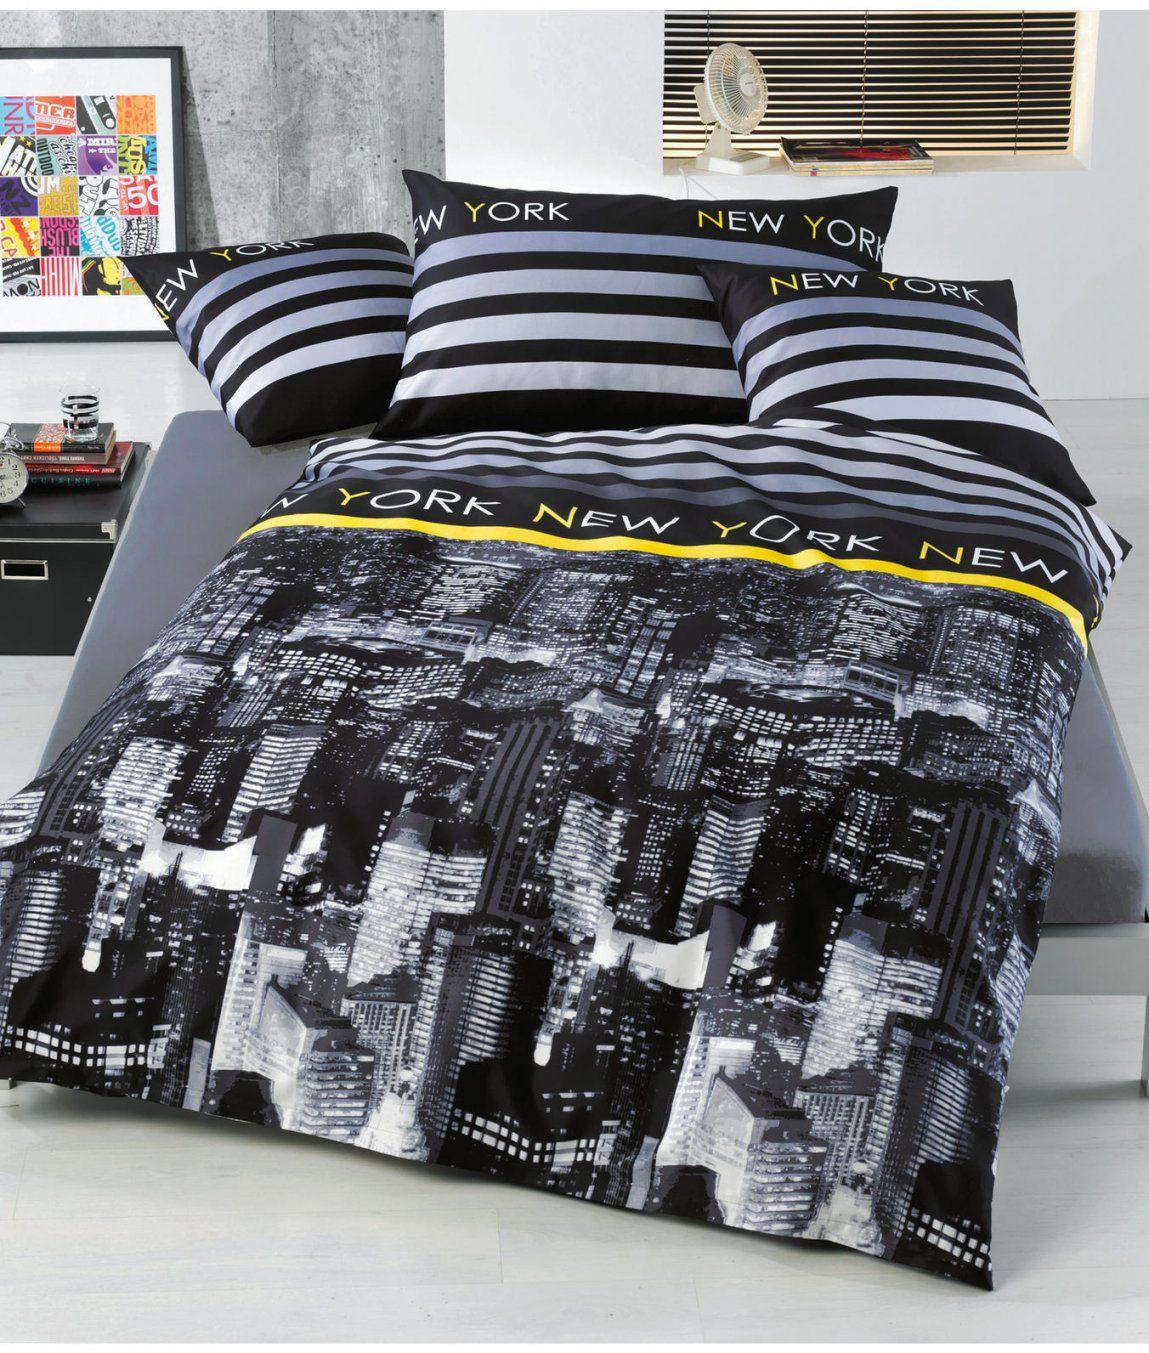 Coole Bettwäsche Für Teenager  Conferentieproeftuinen von Coole Bettwäsche Für Jungs Bild